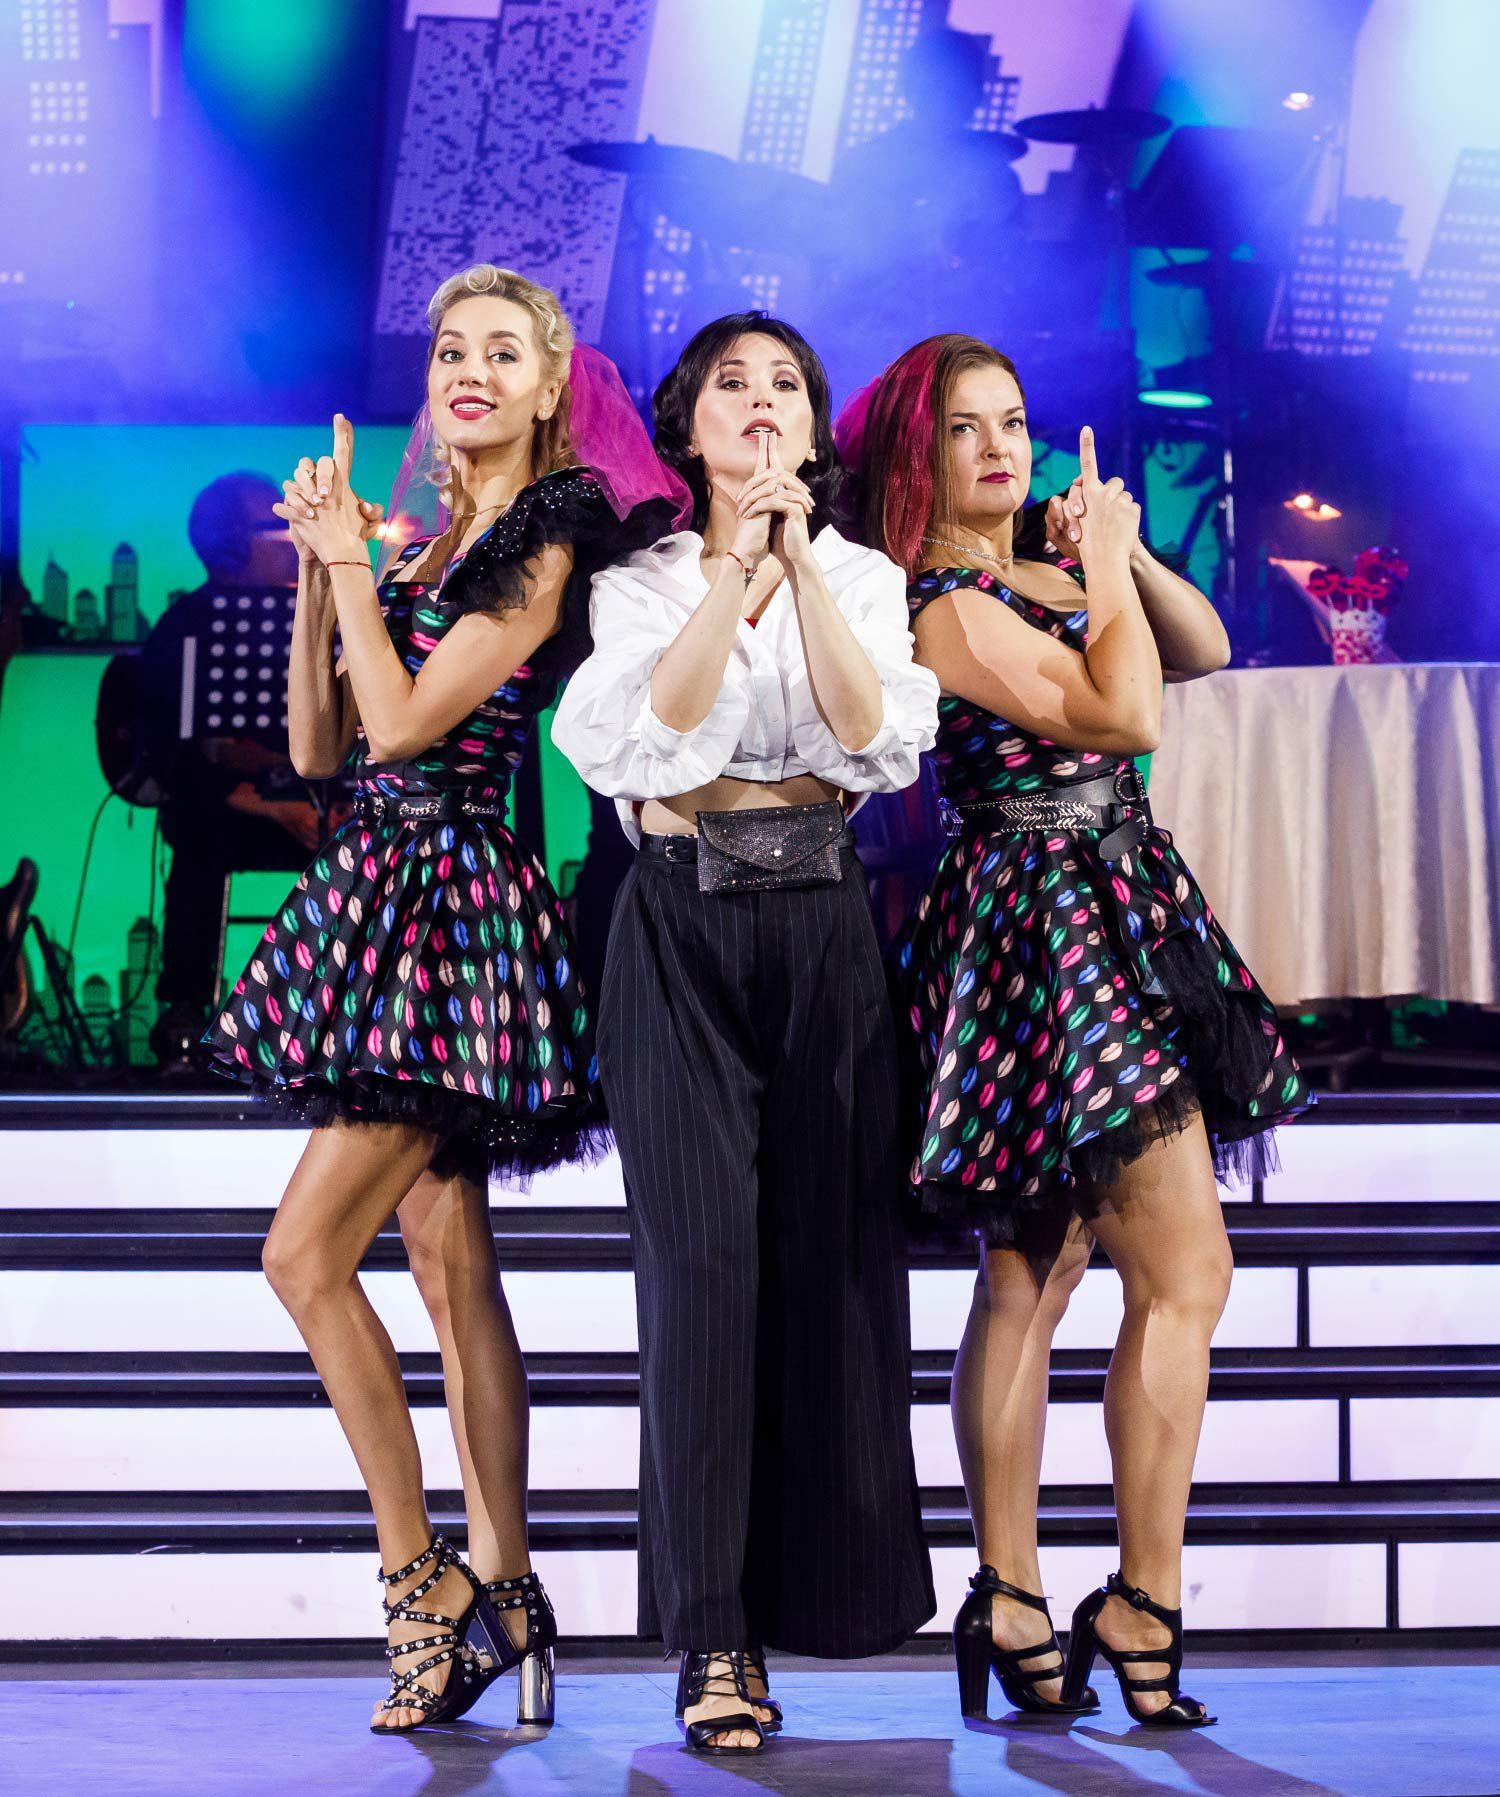 Мюзикл за столиками «День влюблённых» в Театре МДМ фото 4